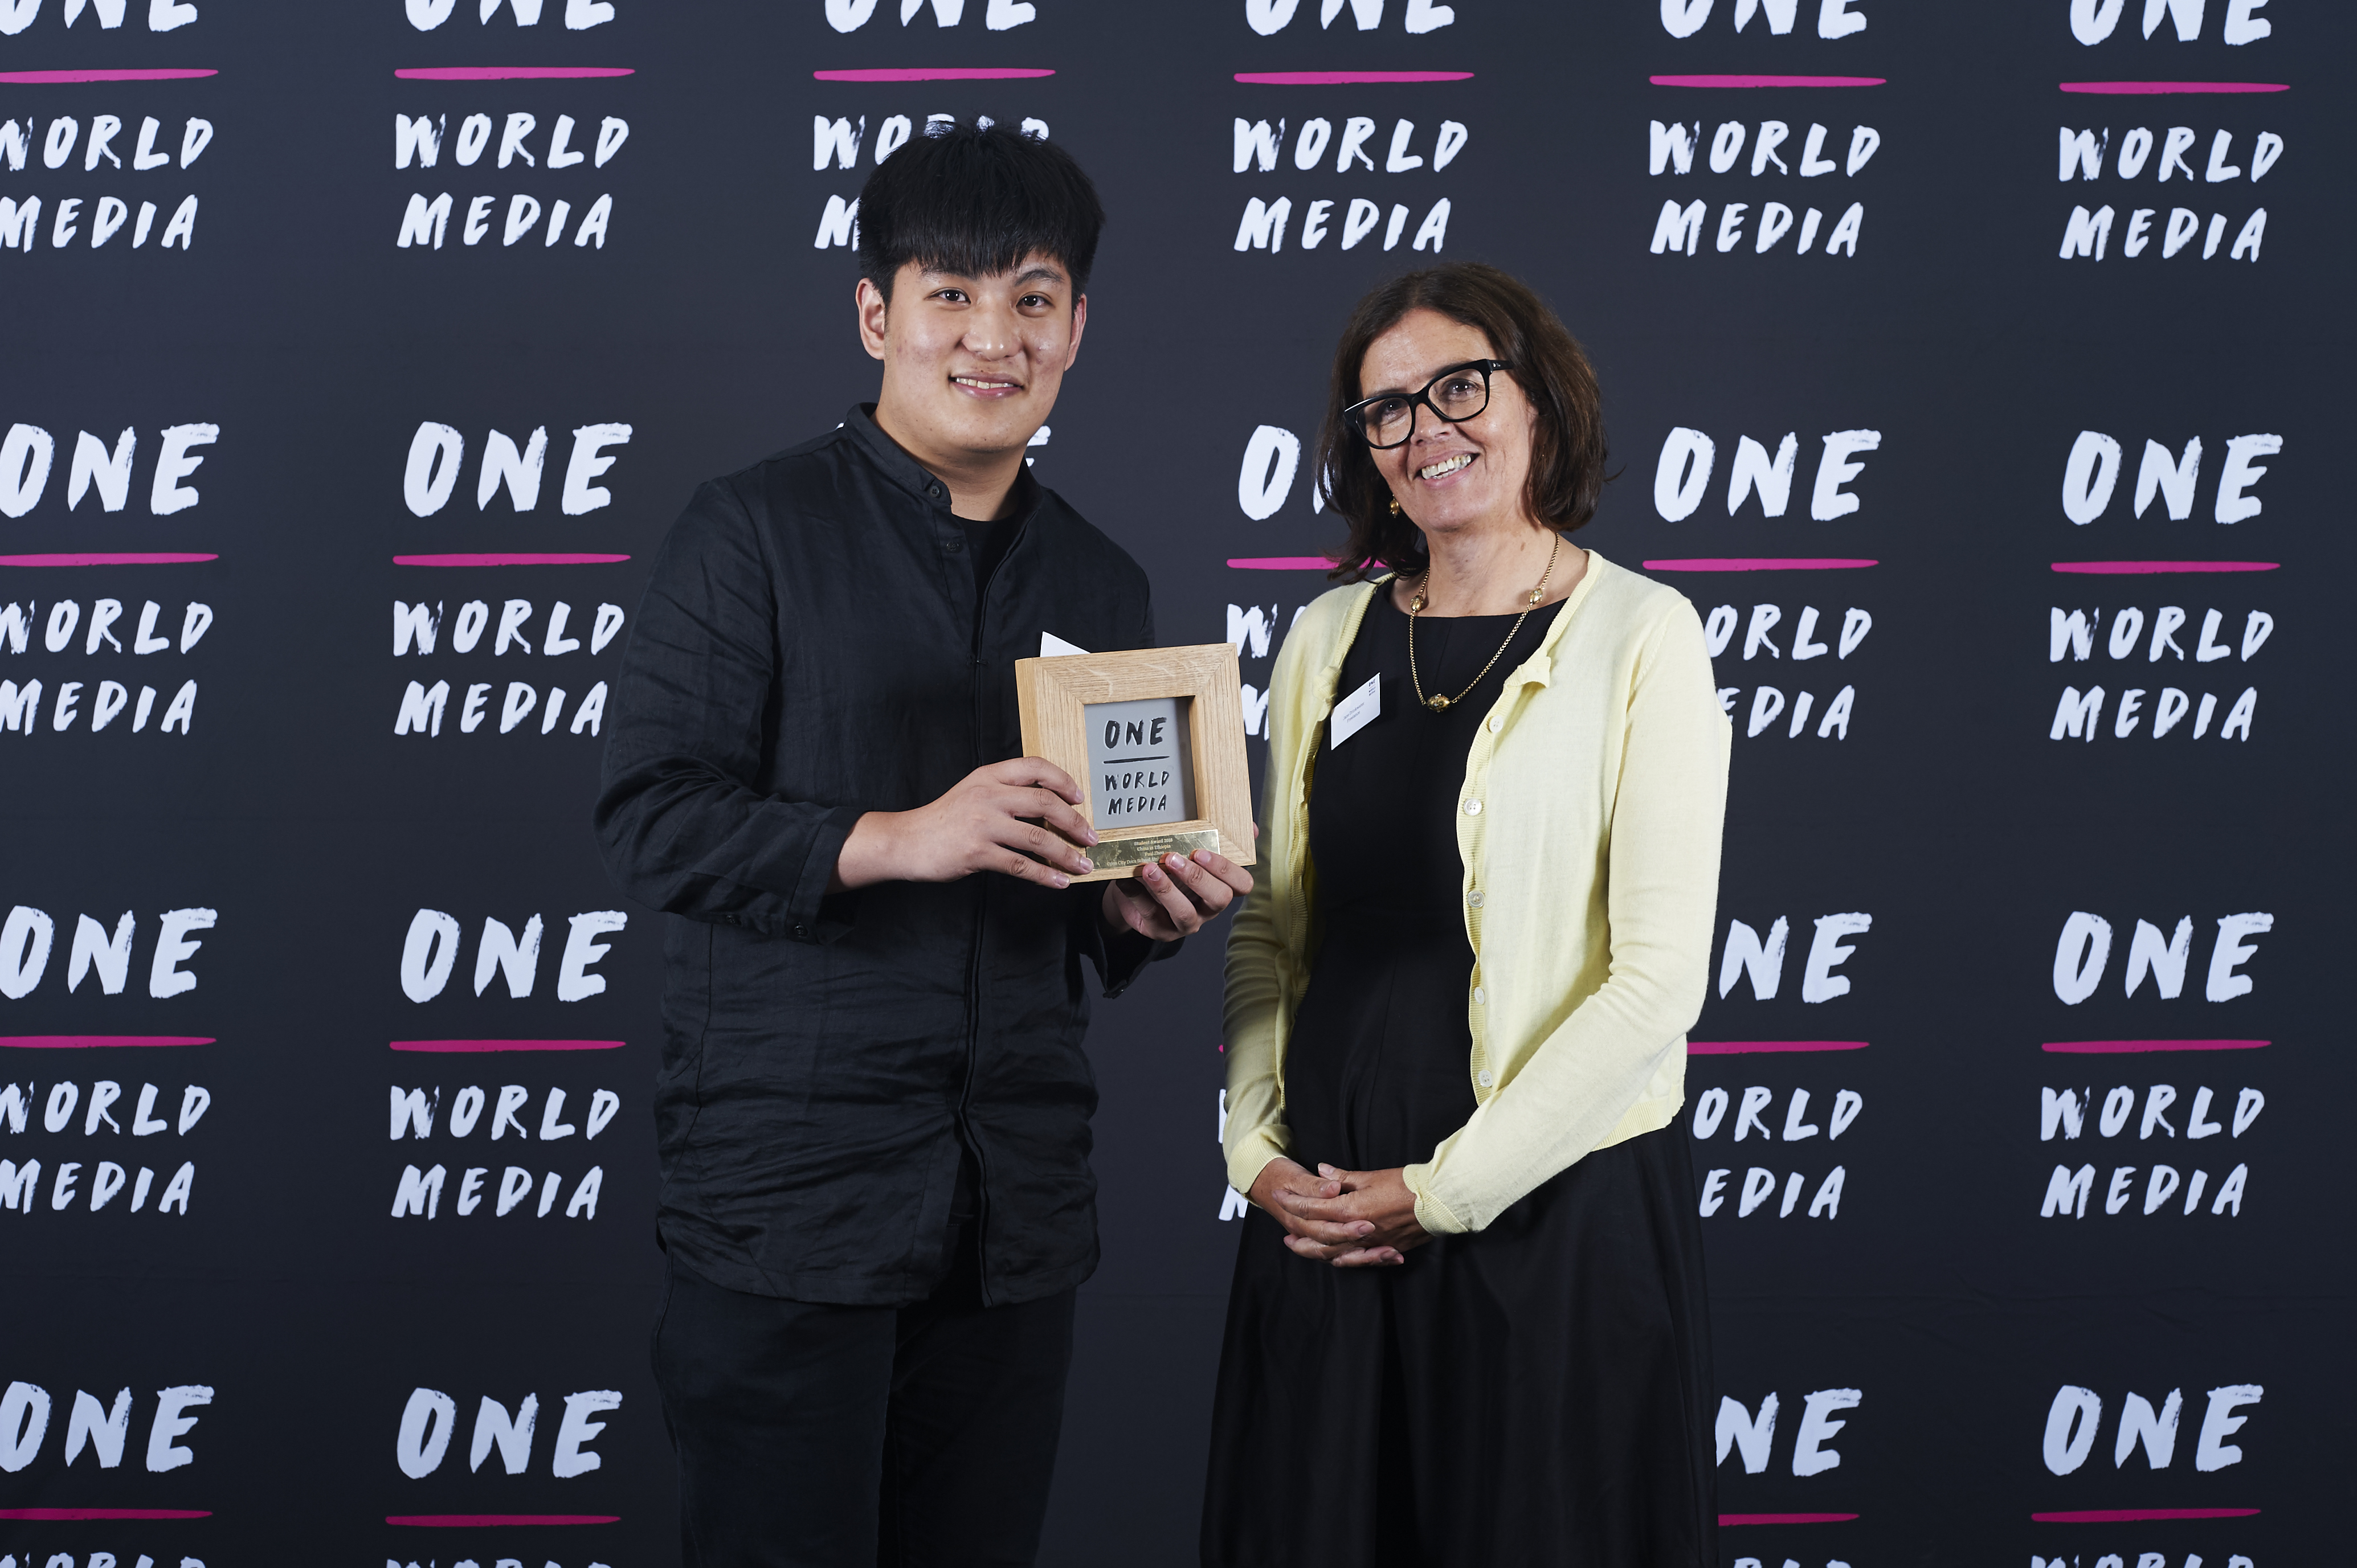 One World Media Award 2018